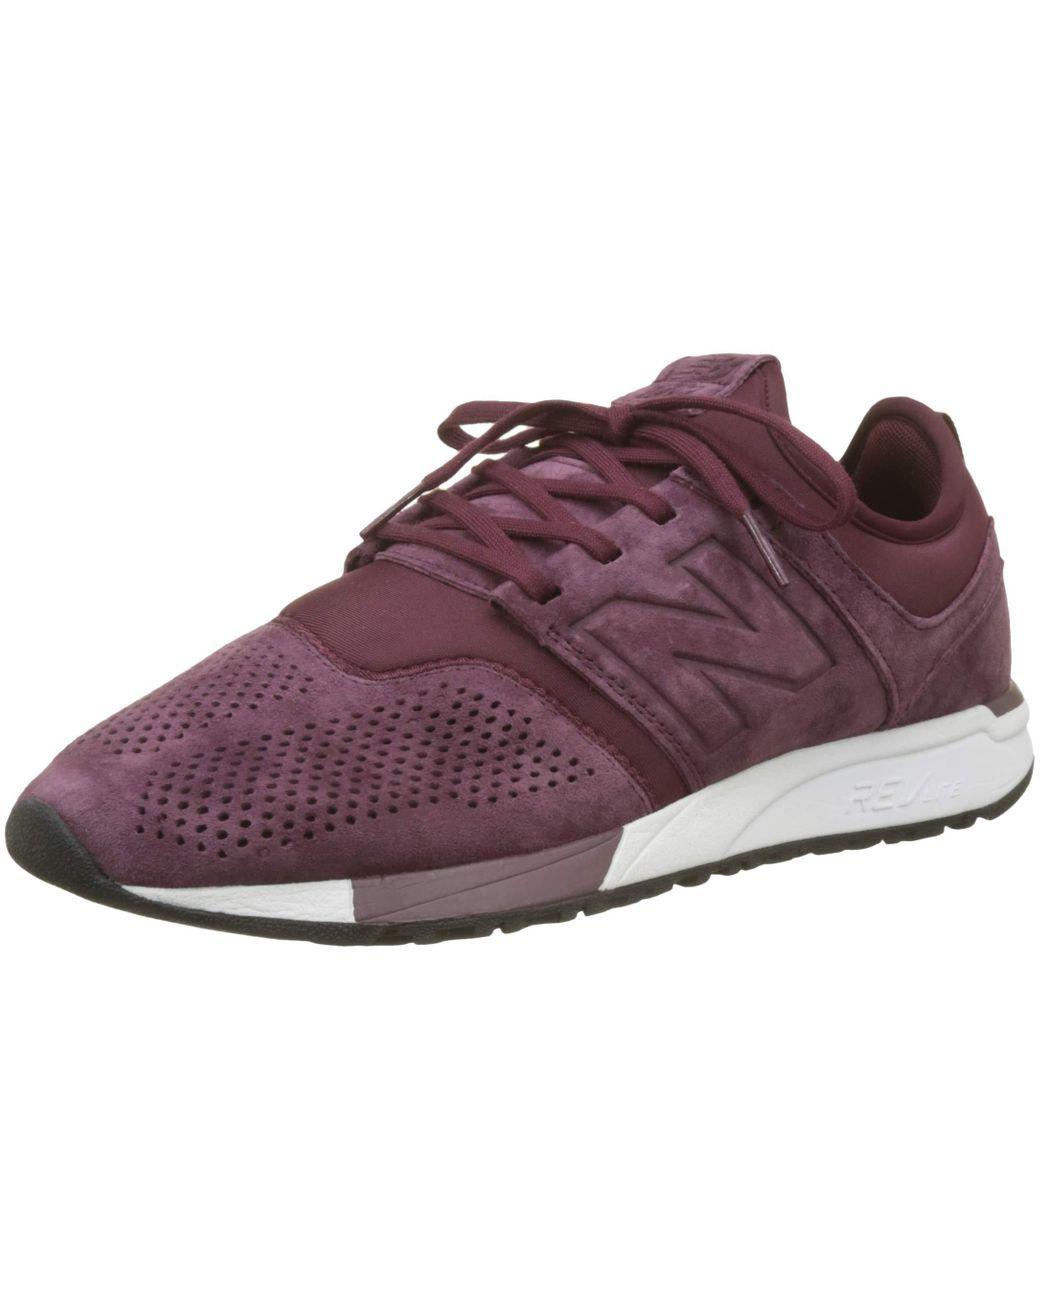 New Balance Leather 247 V1 Sneaker in Burgundy (Purple) for Men ...